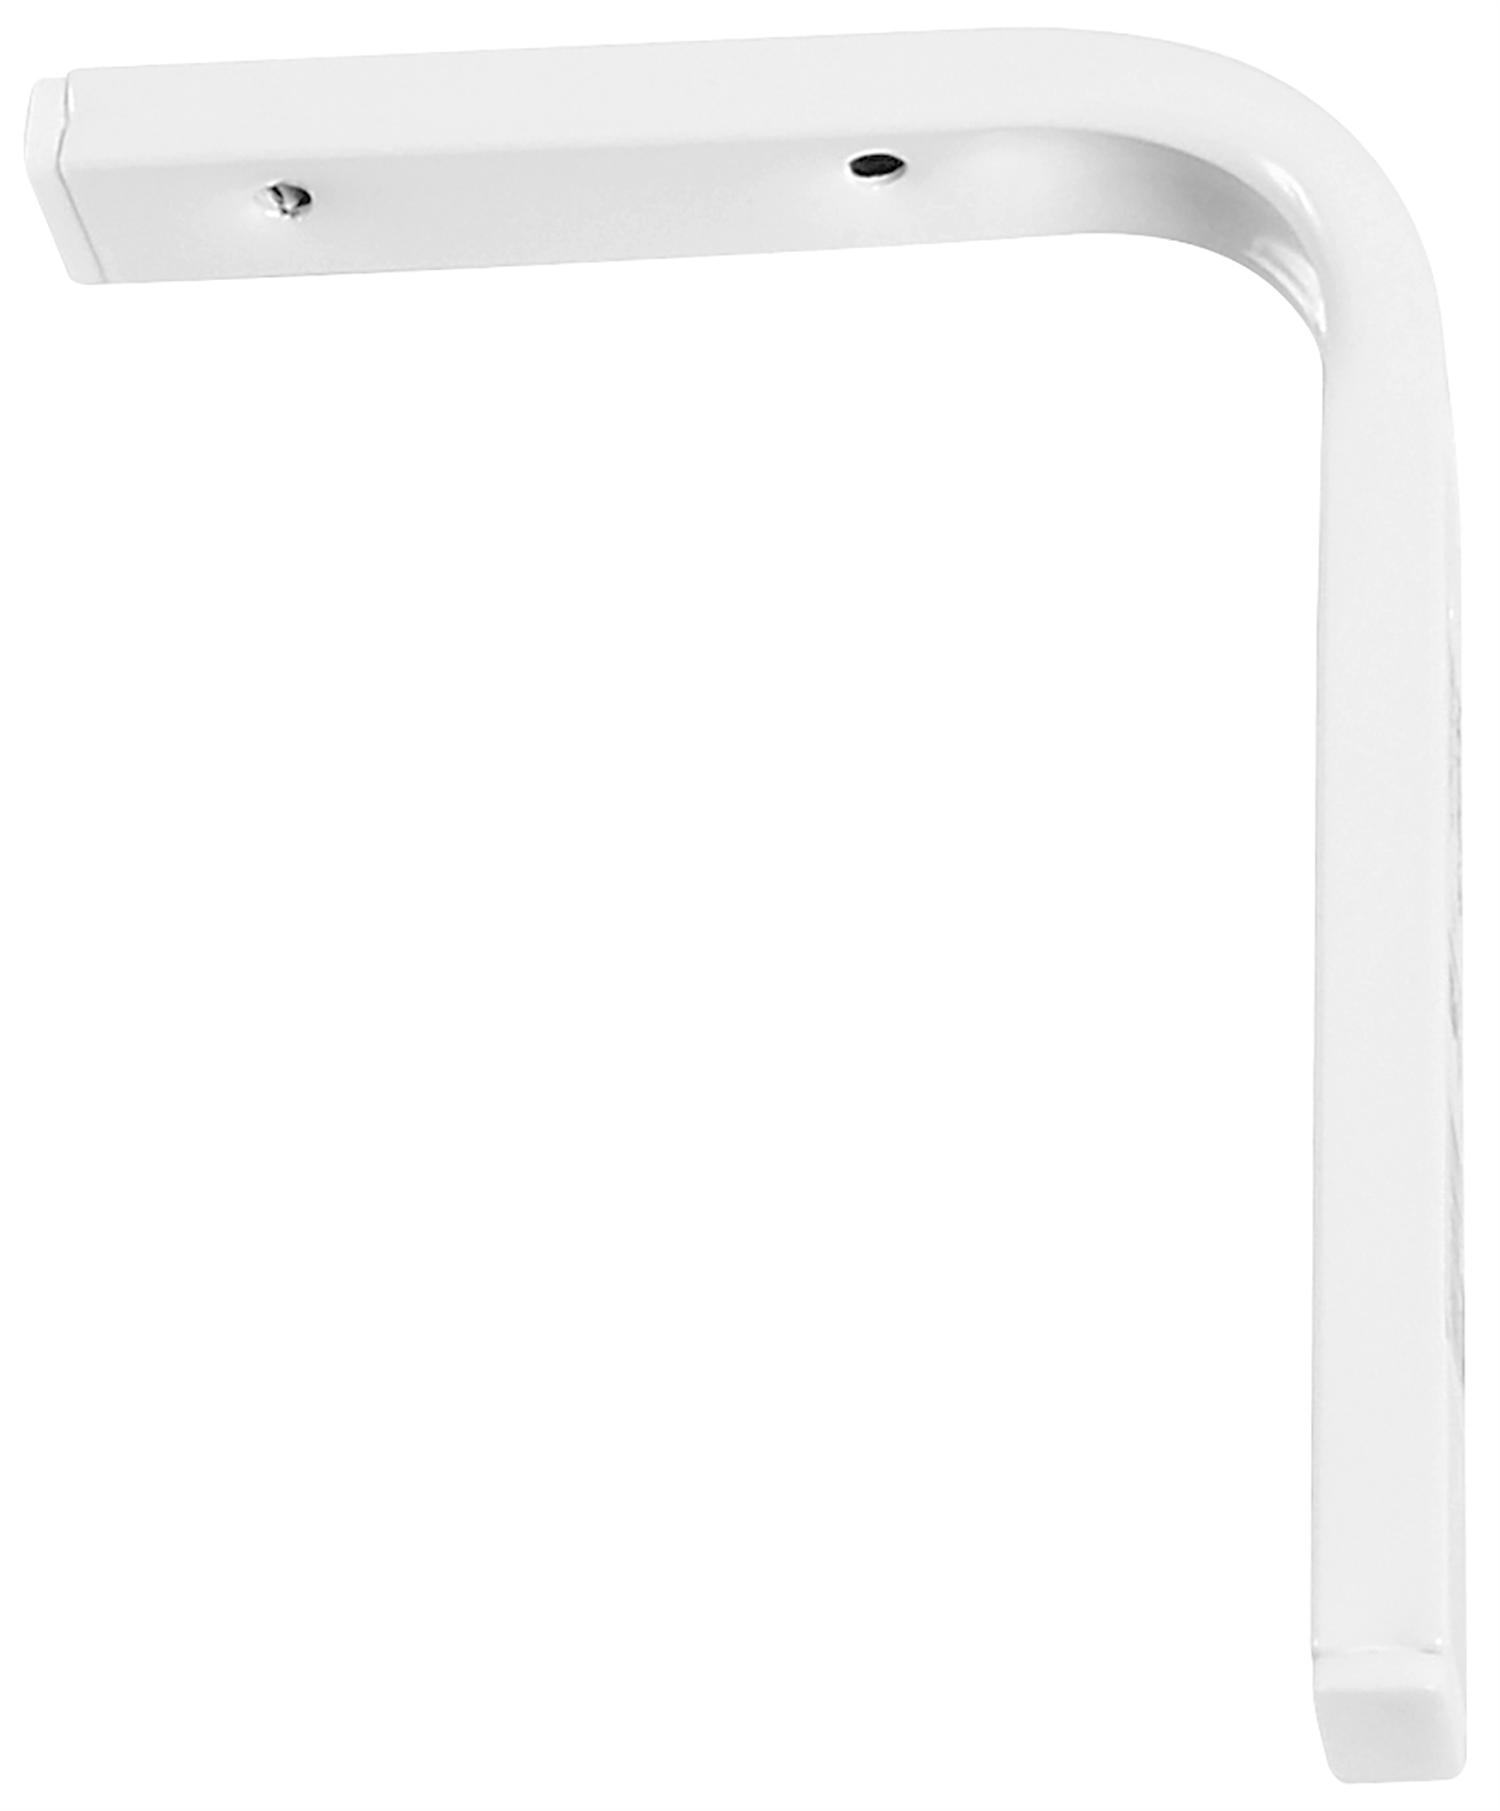 Hyldeknægt F-profil 120x150 mm. - hvid